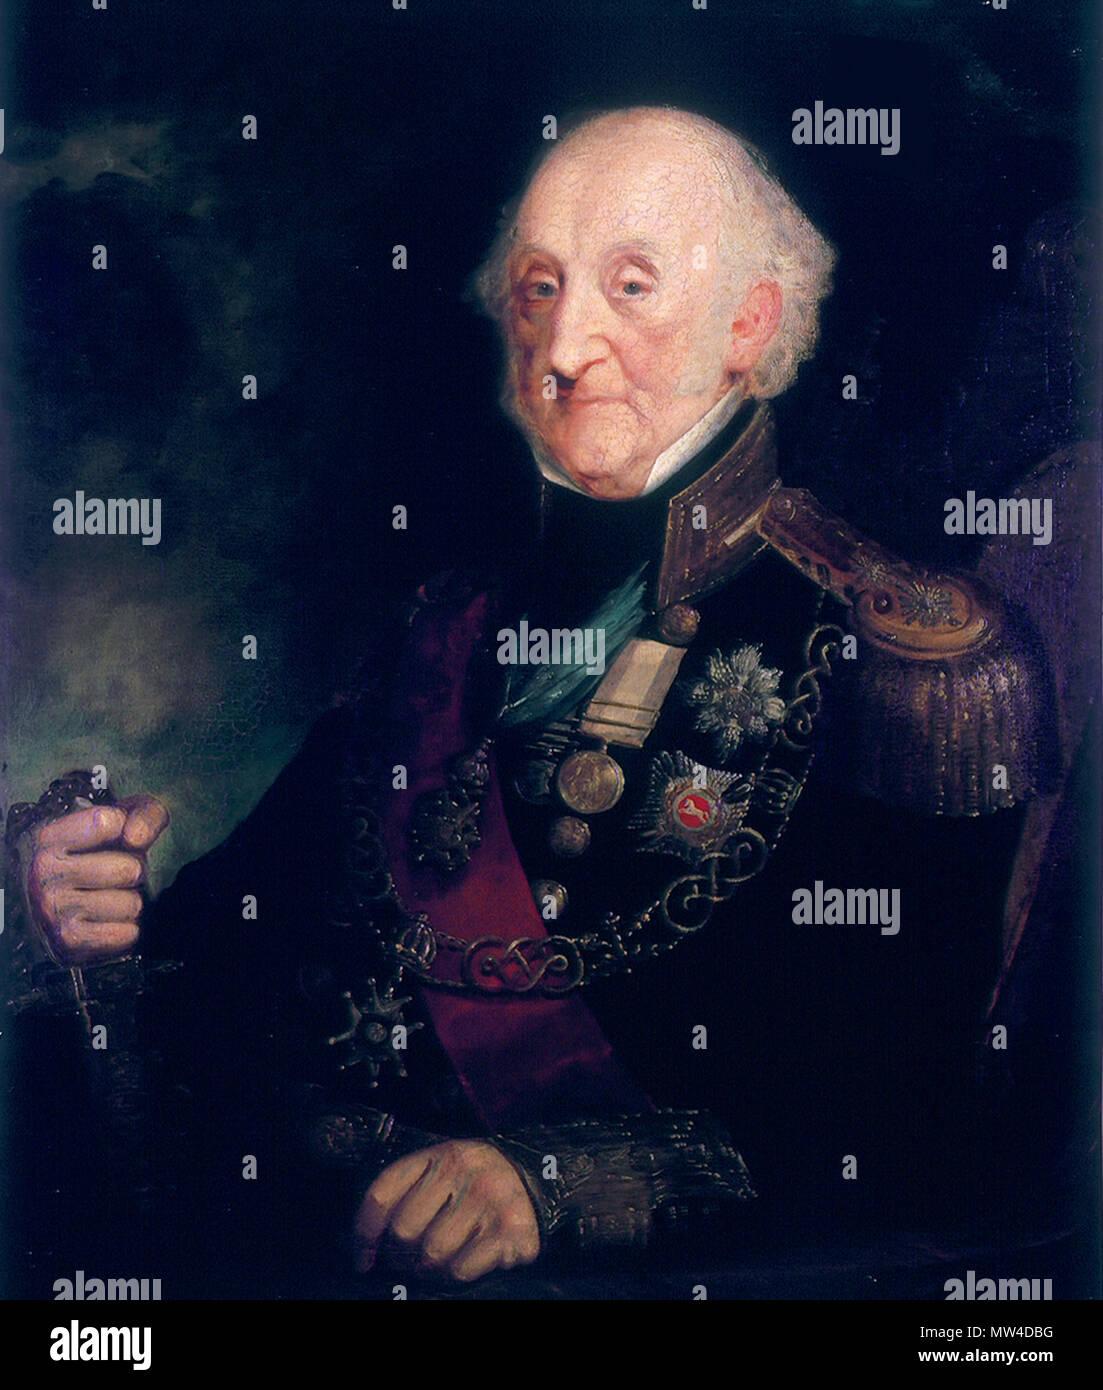 . Inglese: Vice Ammiraglio Charles Bullen (1769-1853) olio su tela 91,5 x 71 cm firmato: A. Concessione 1849 . 1849. A. Concessione 630 Vice Ammiraglio Charles Bullen (1769-1853), con una sovvenzione Immagini Stock